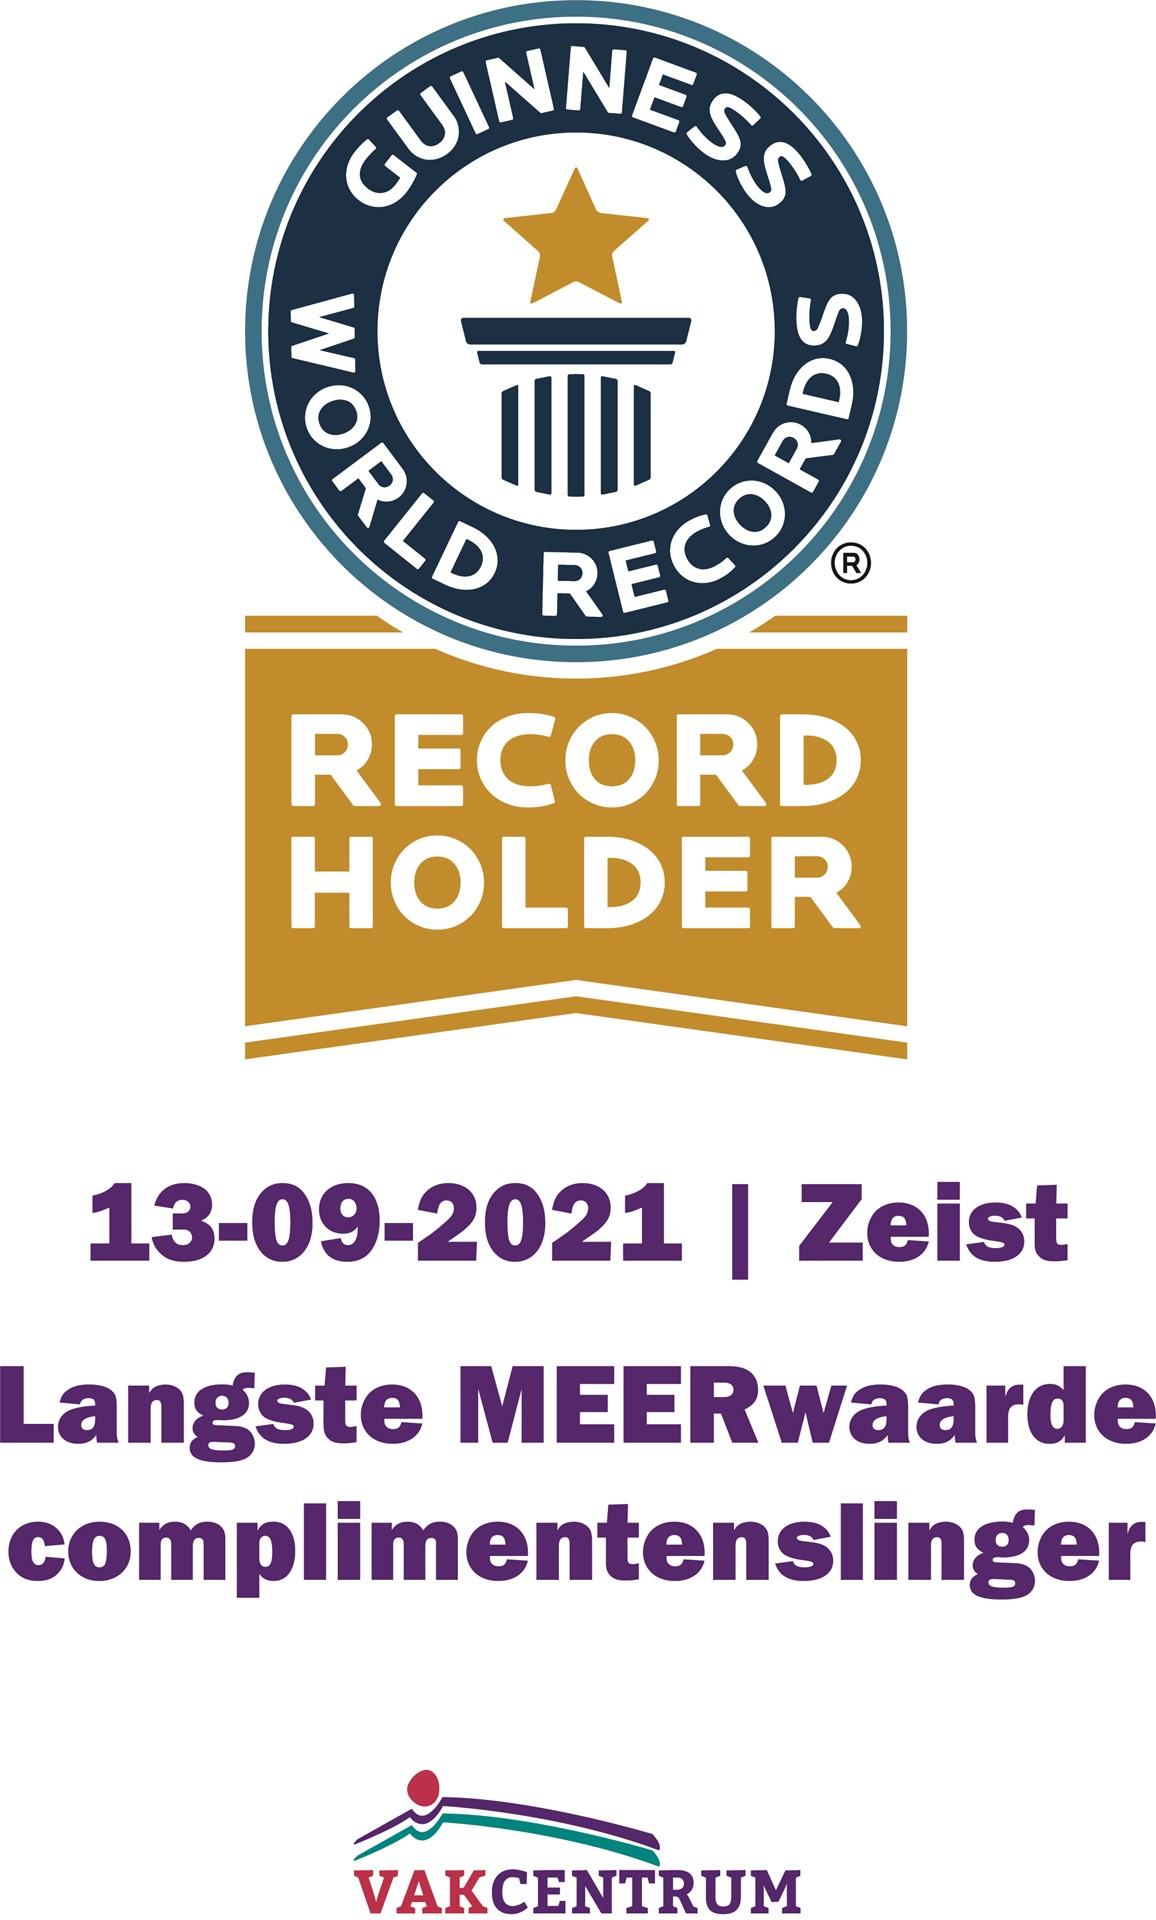 GWR-langste MEERwaarde complimentenslinger-logo - FC (lettercontouren).jpg